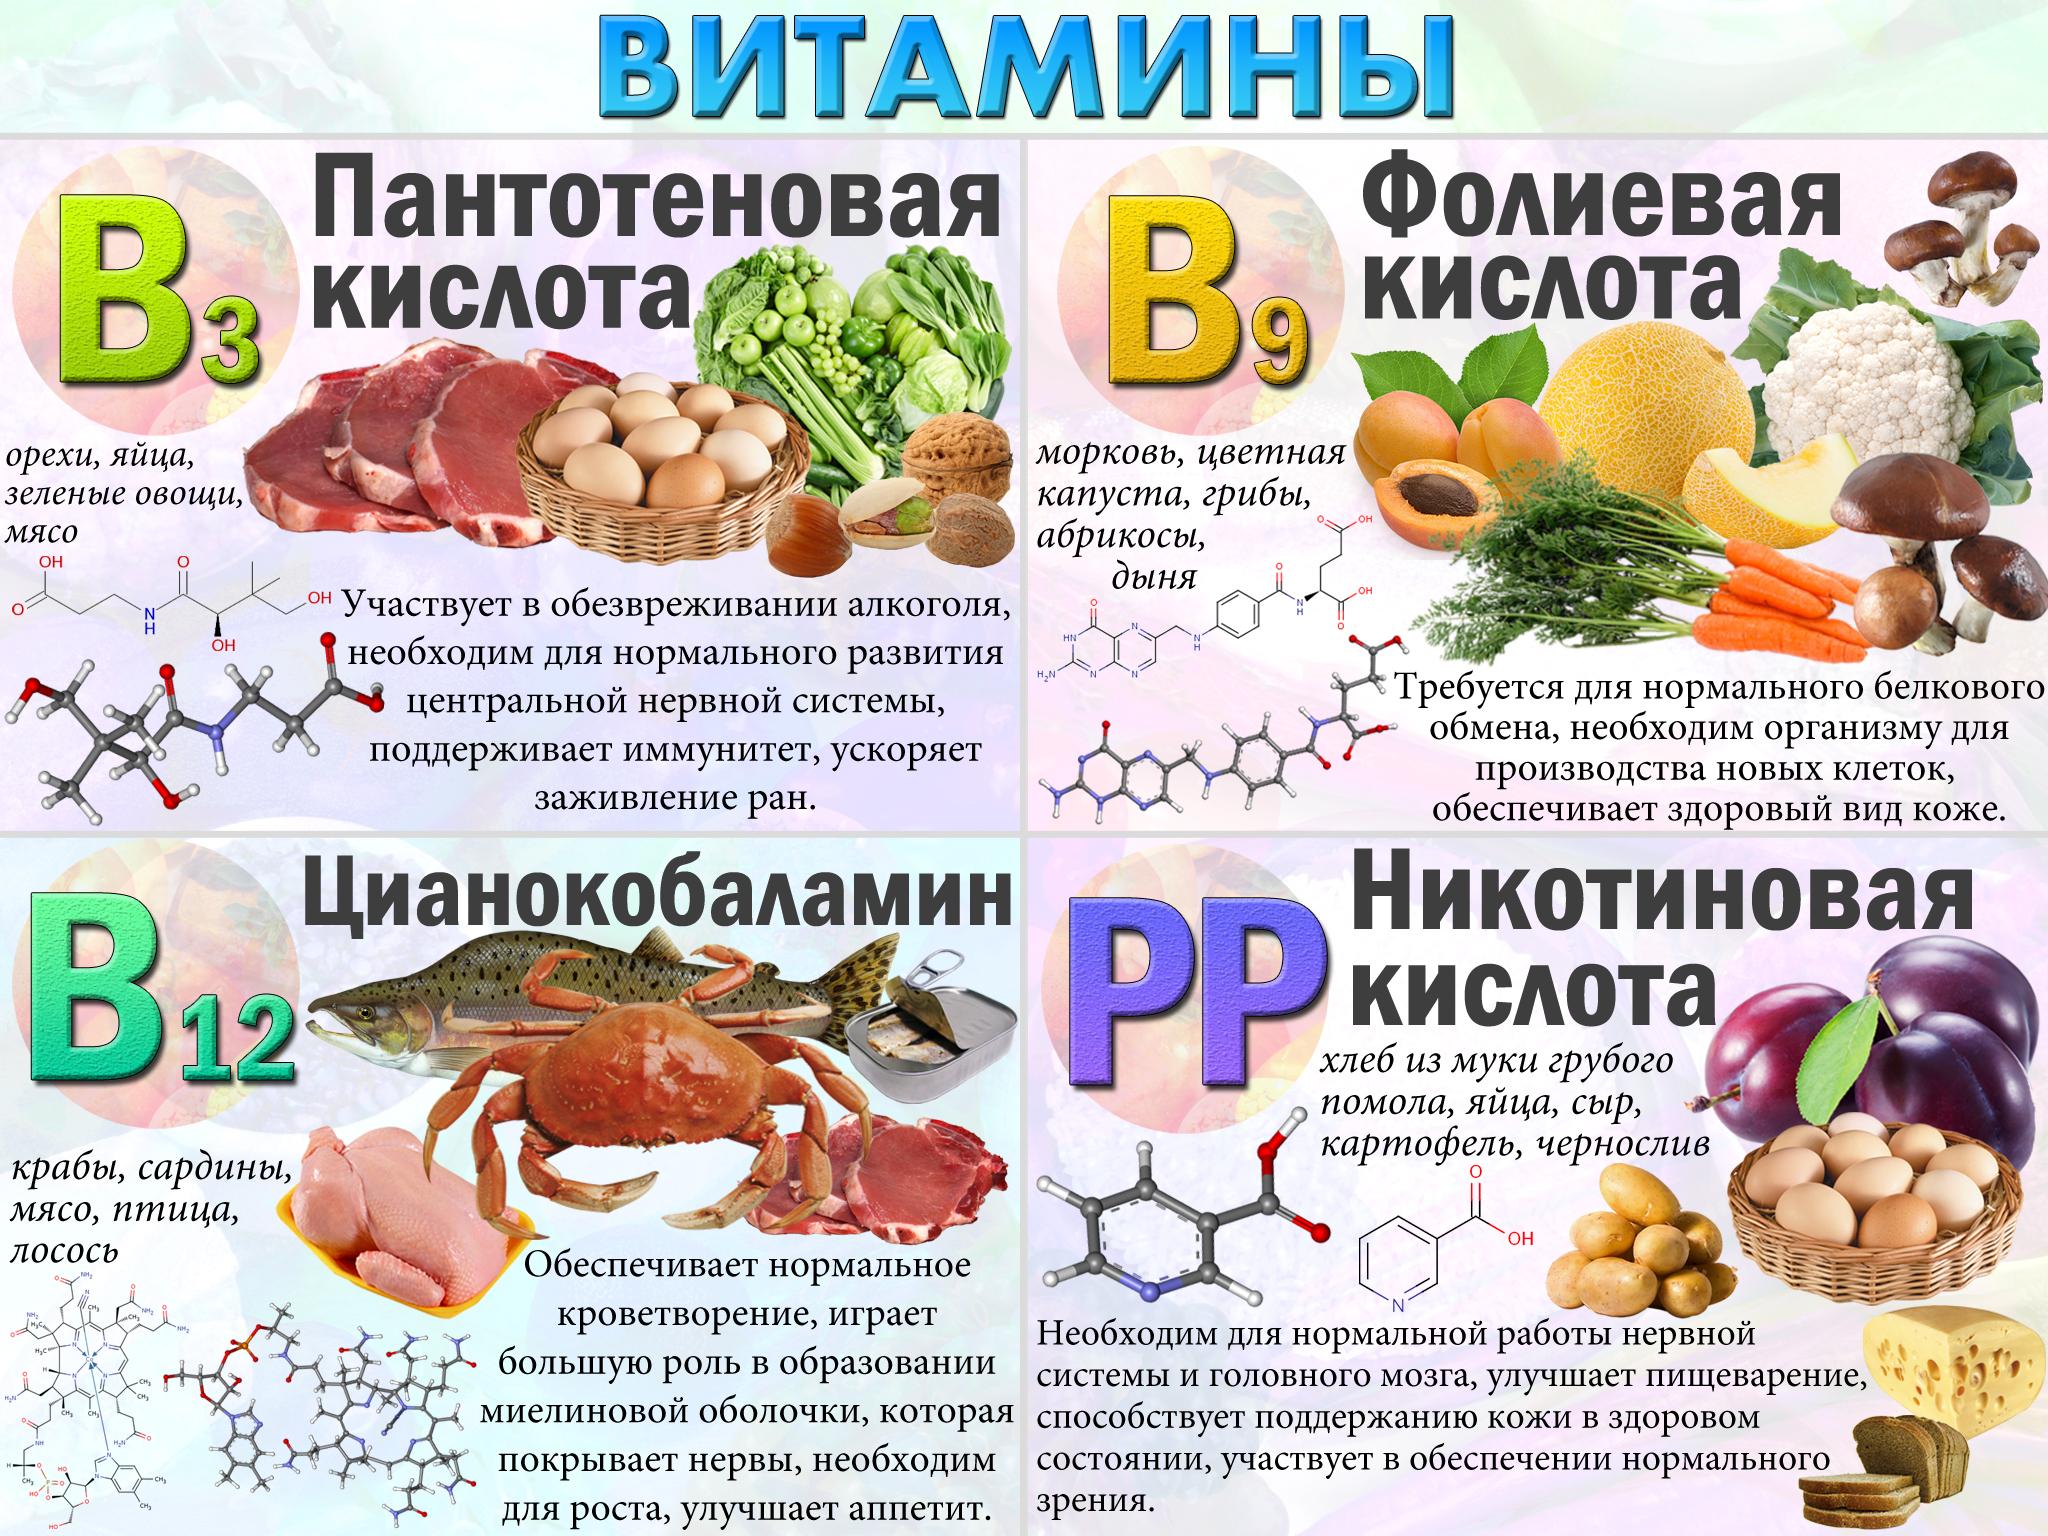 витамины при похудении